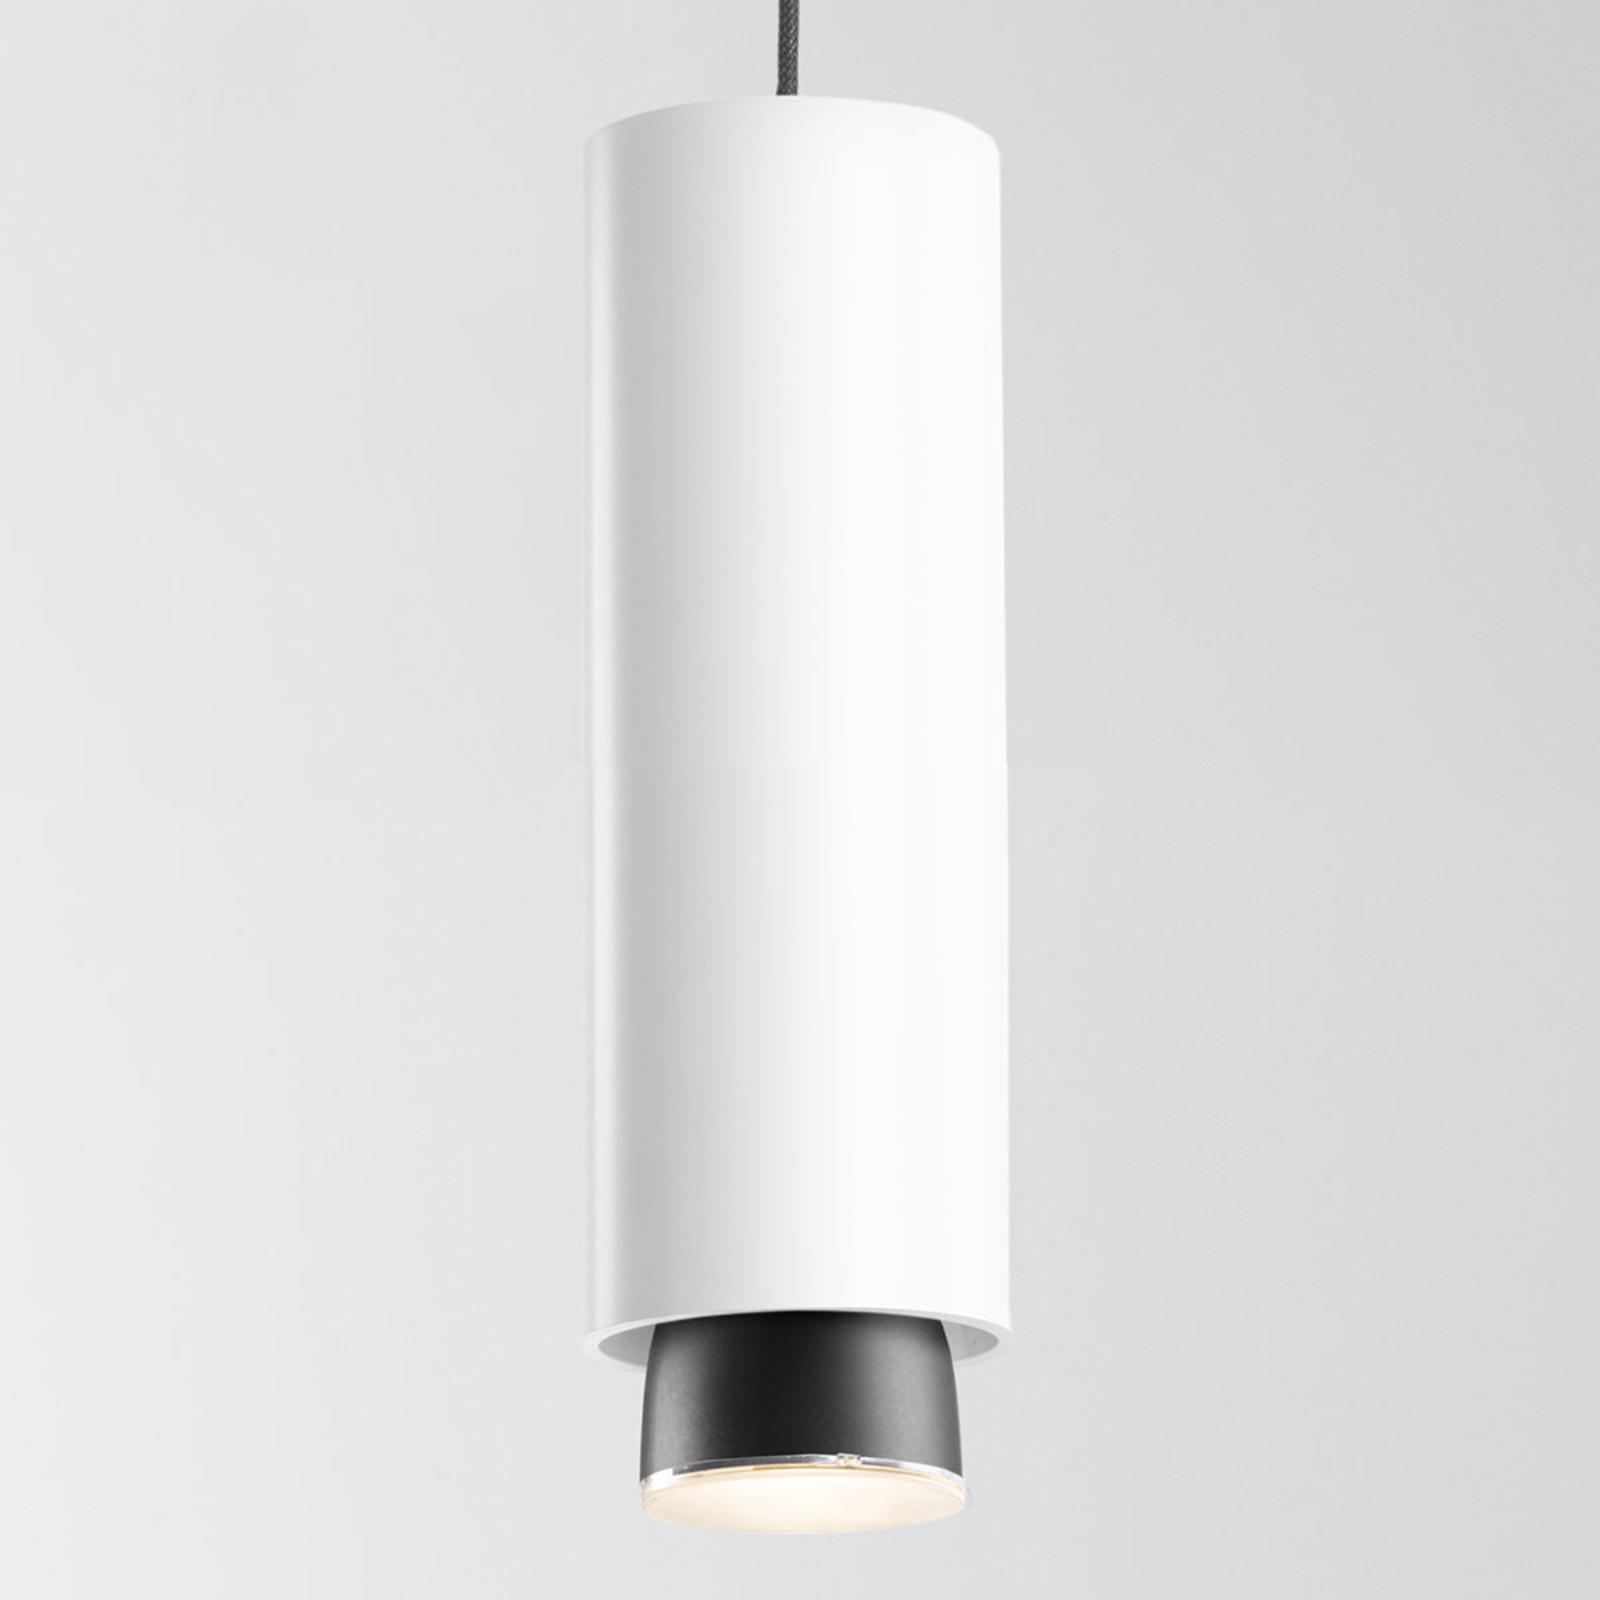 Fabbian Claque LED-Hängeleuchte  kaufen